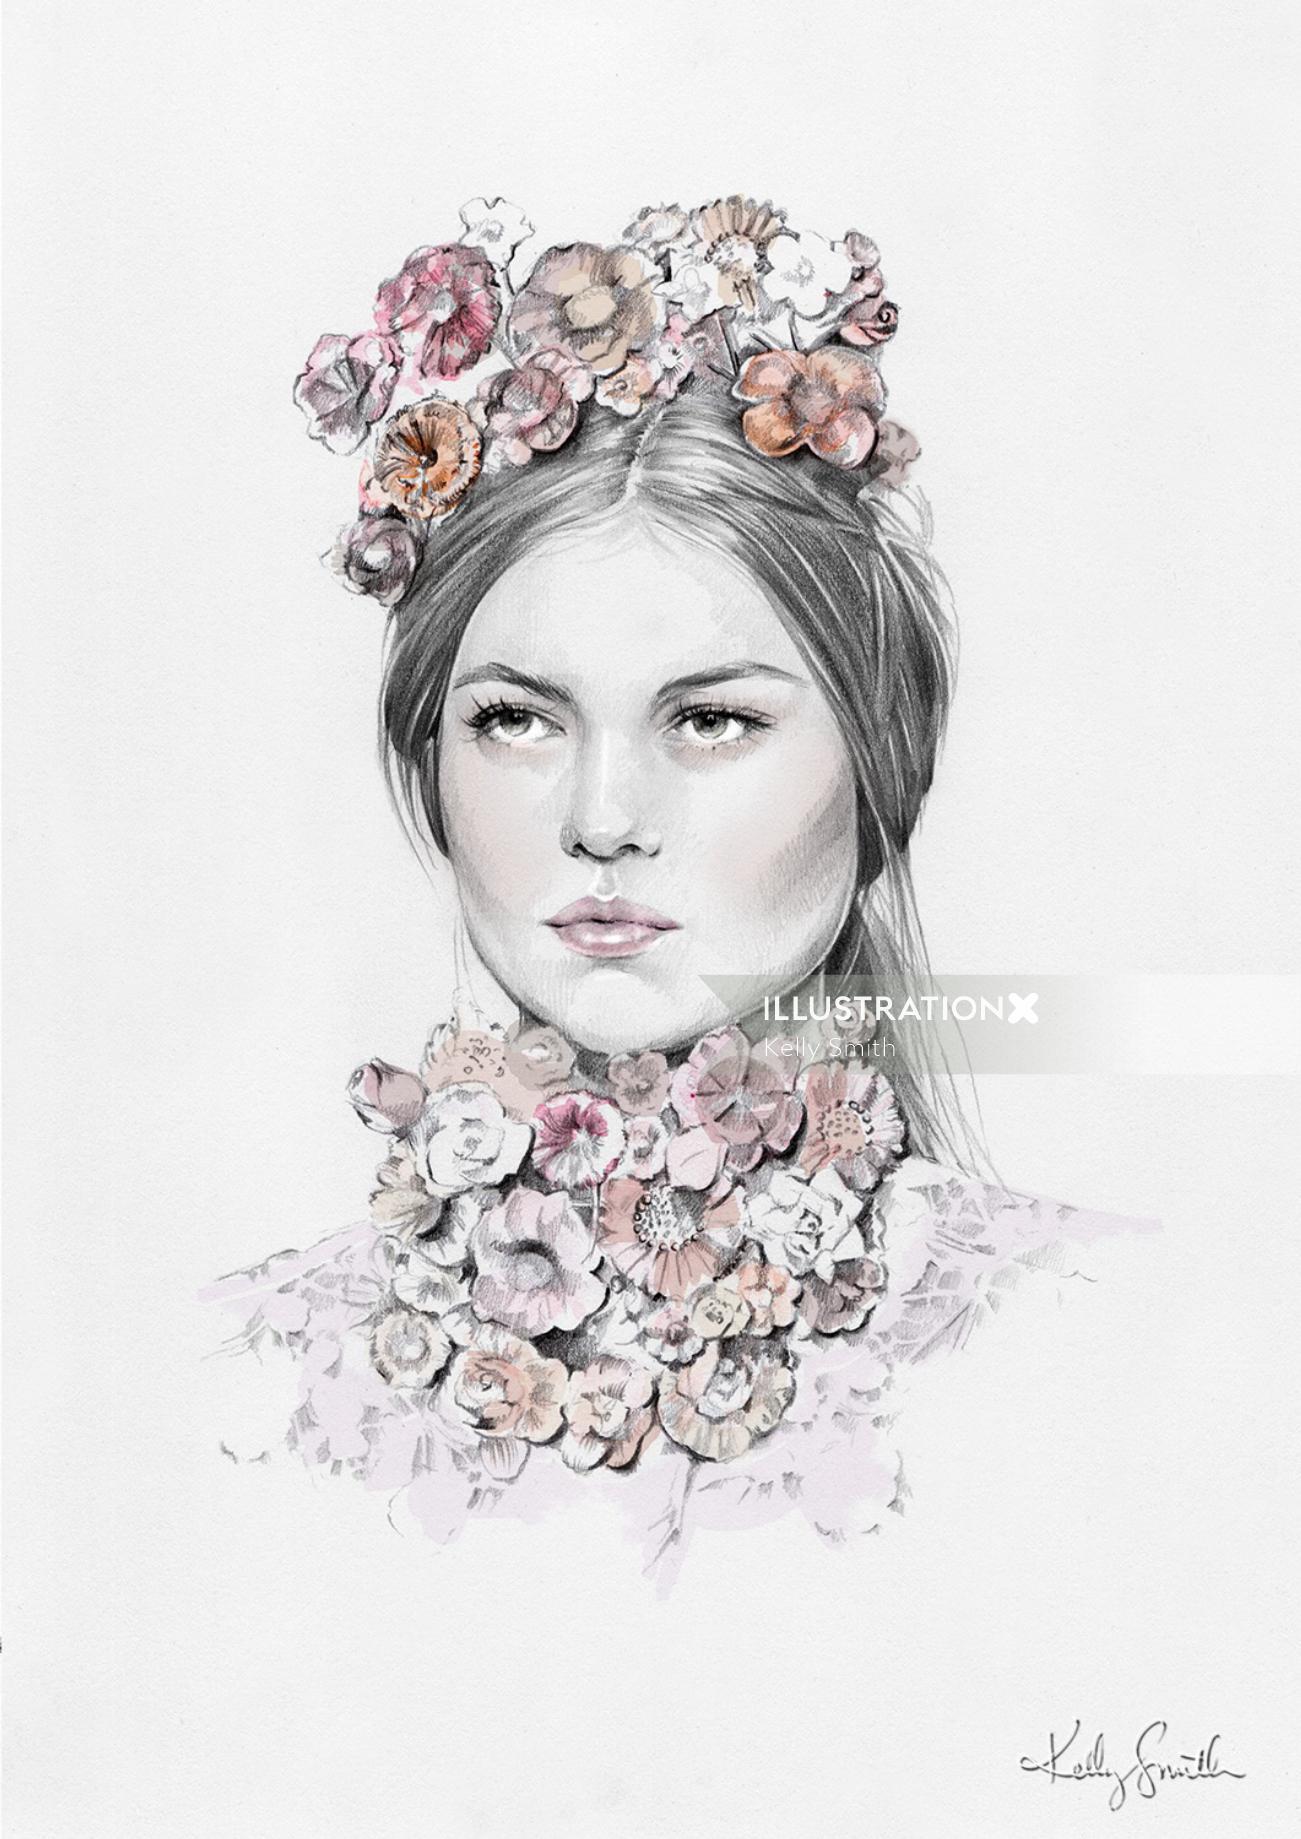 Portrait art of woman